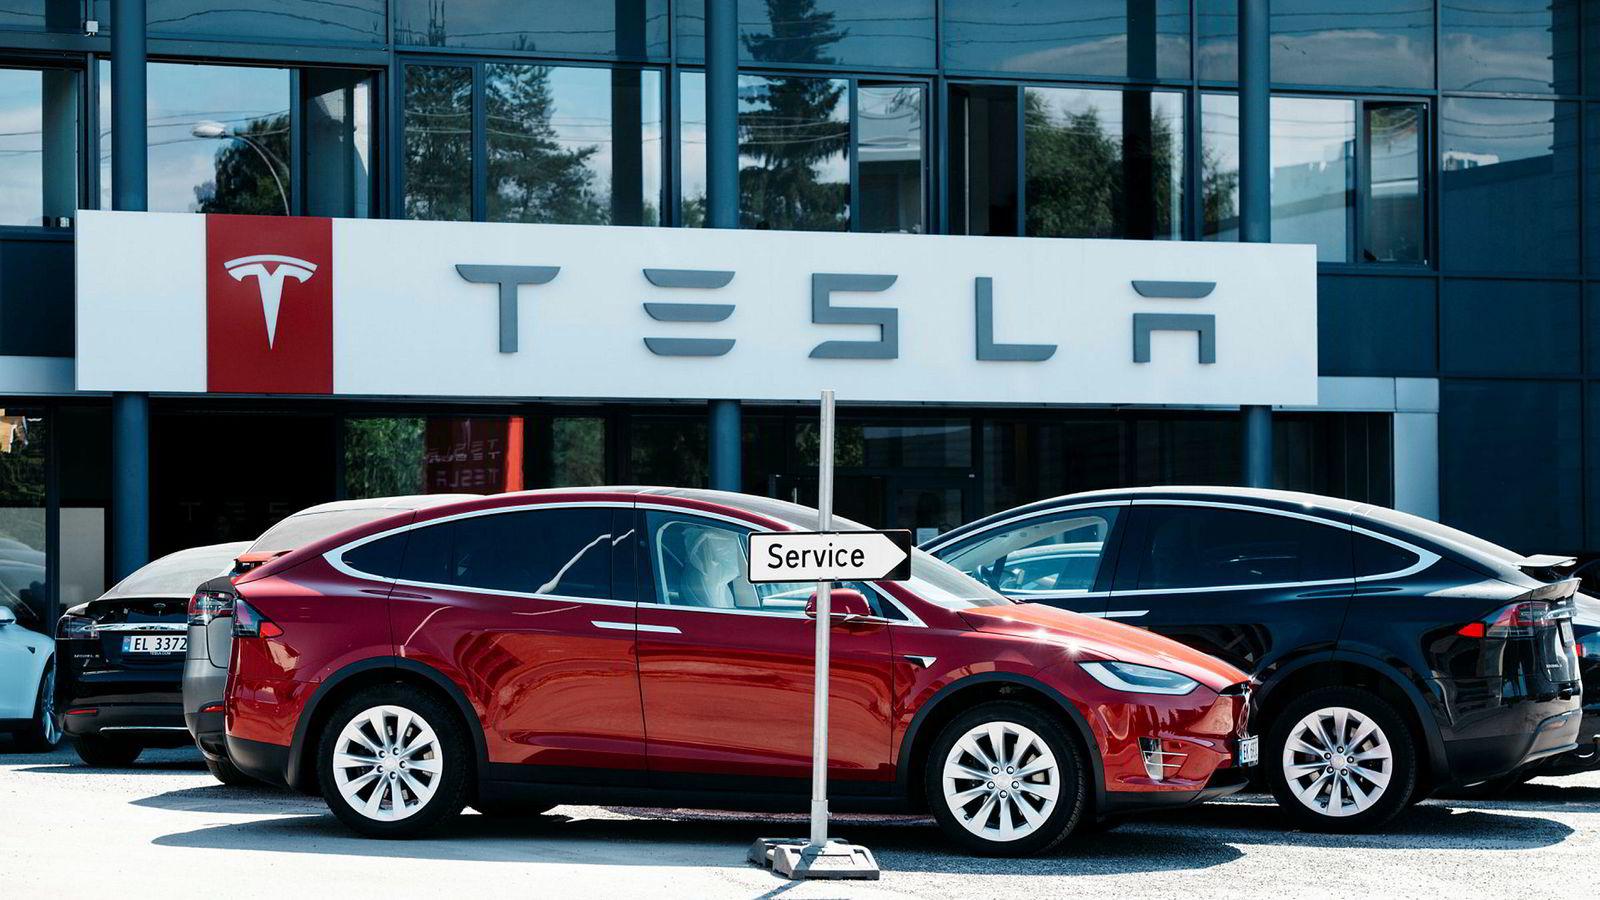 Det er problematisk å sette likhetstegn mellom kundetilfredshet og omdømme, mener innleggsforfatteren. Nylig skrev Dagens Næringsliv at «Tesla dumpes av kundene», med utgangspunkt i resultater fra Norsk Kundebarometer.